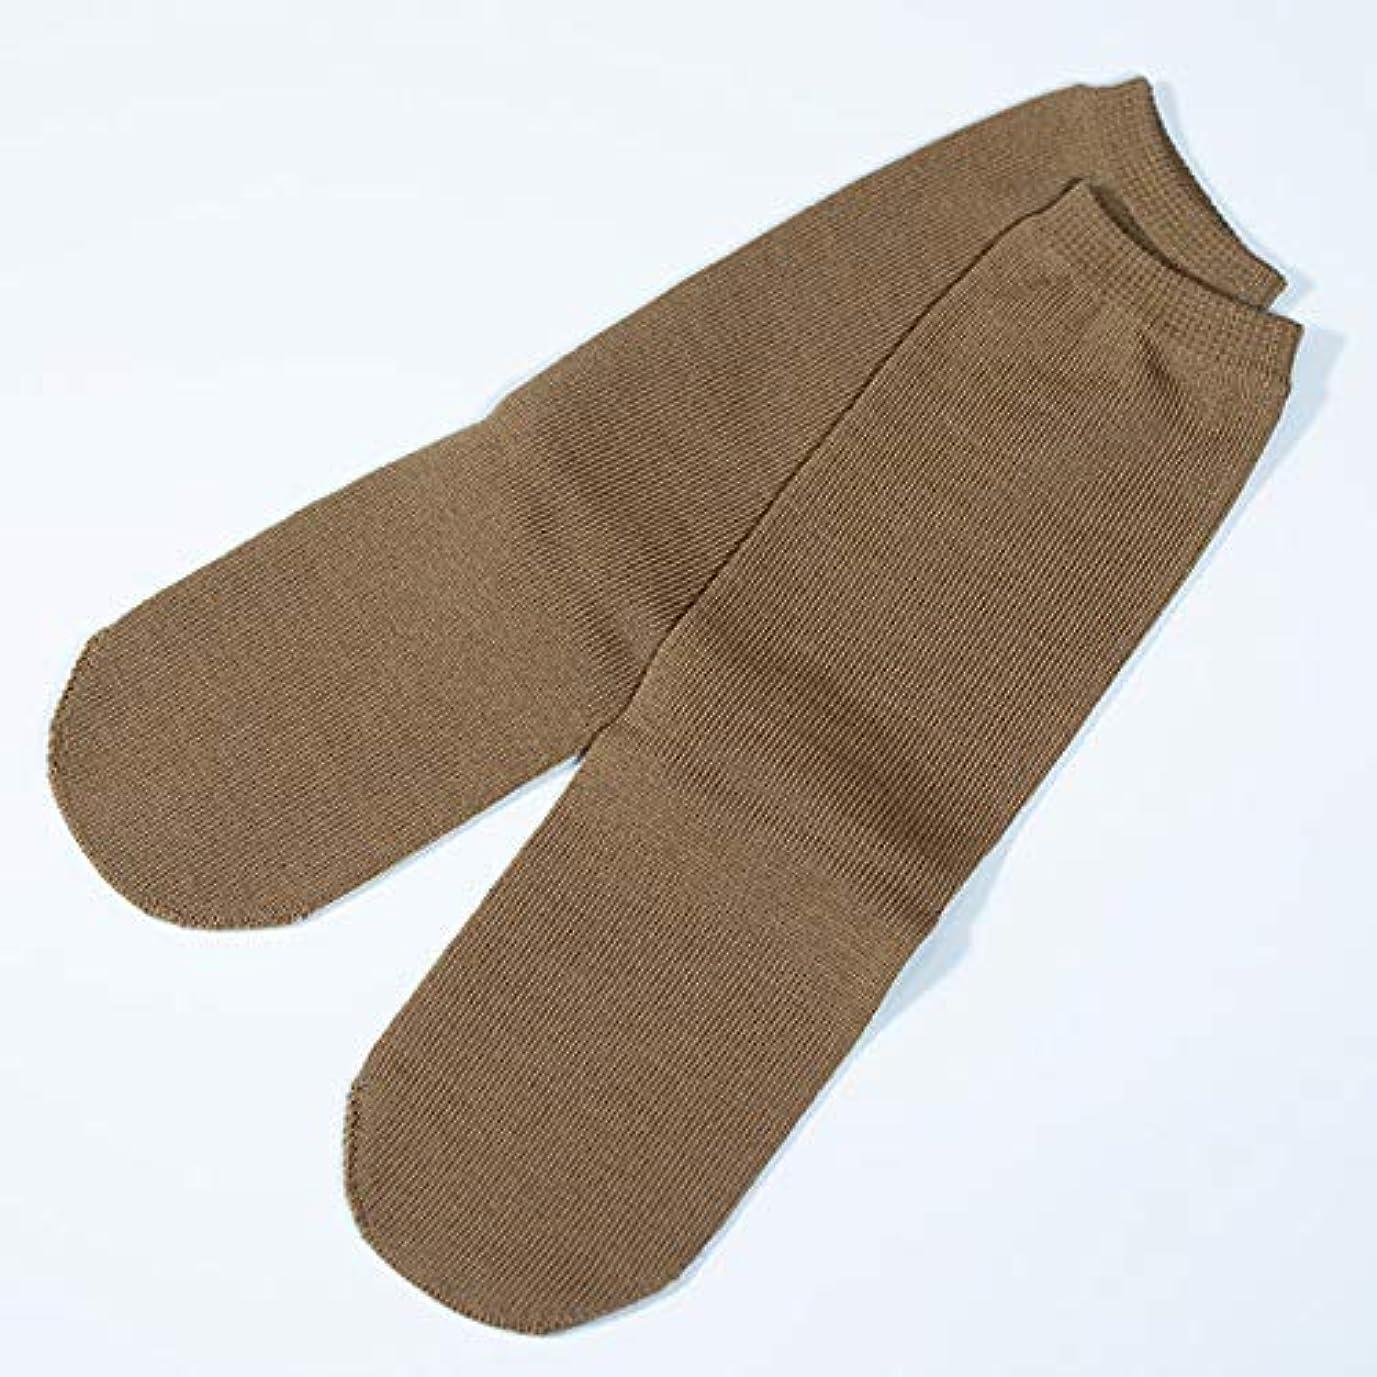 食べる実験的プレミアムutatane 冷えとり靴下 大人用 ウール100% 先丸ソックス カラー (キャメル)